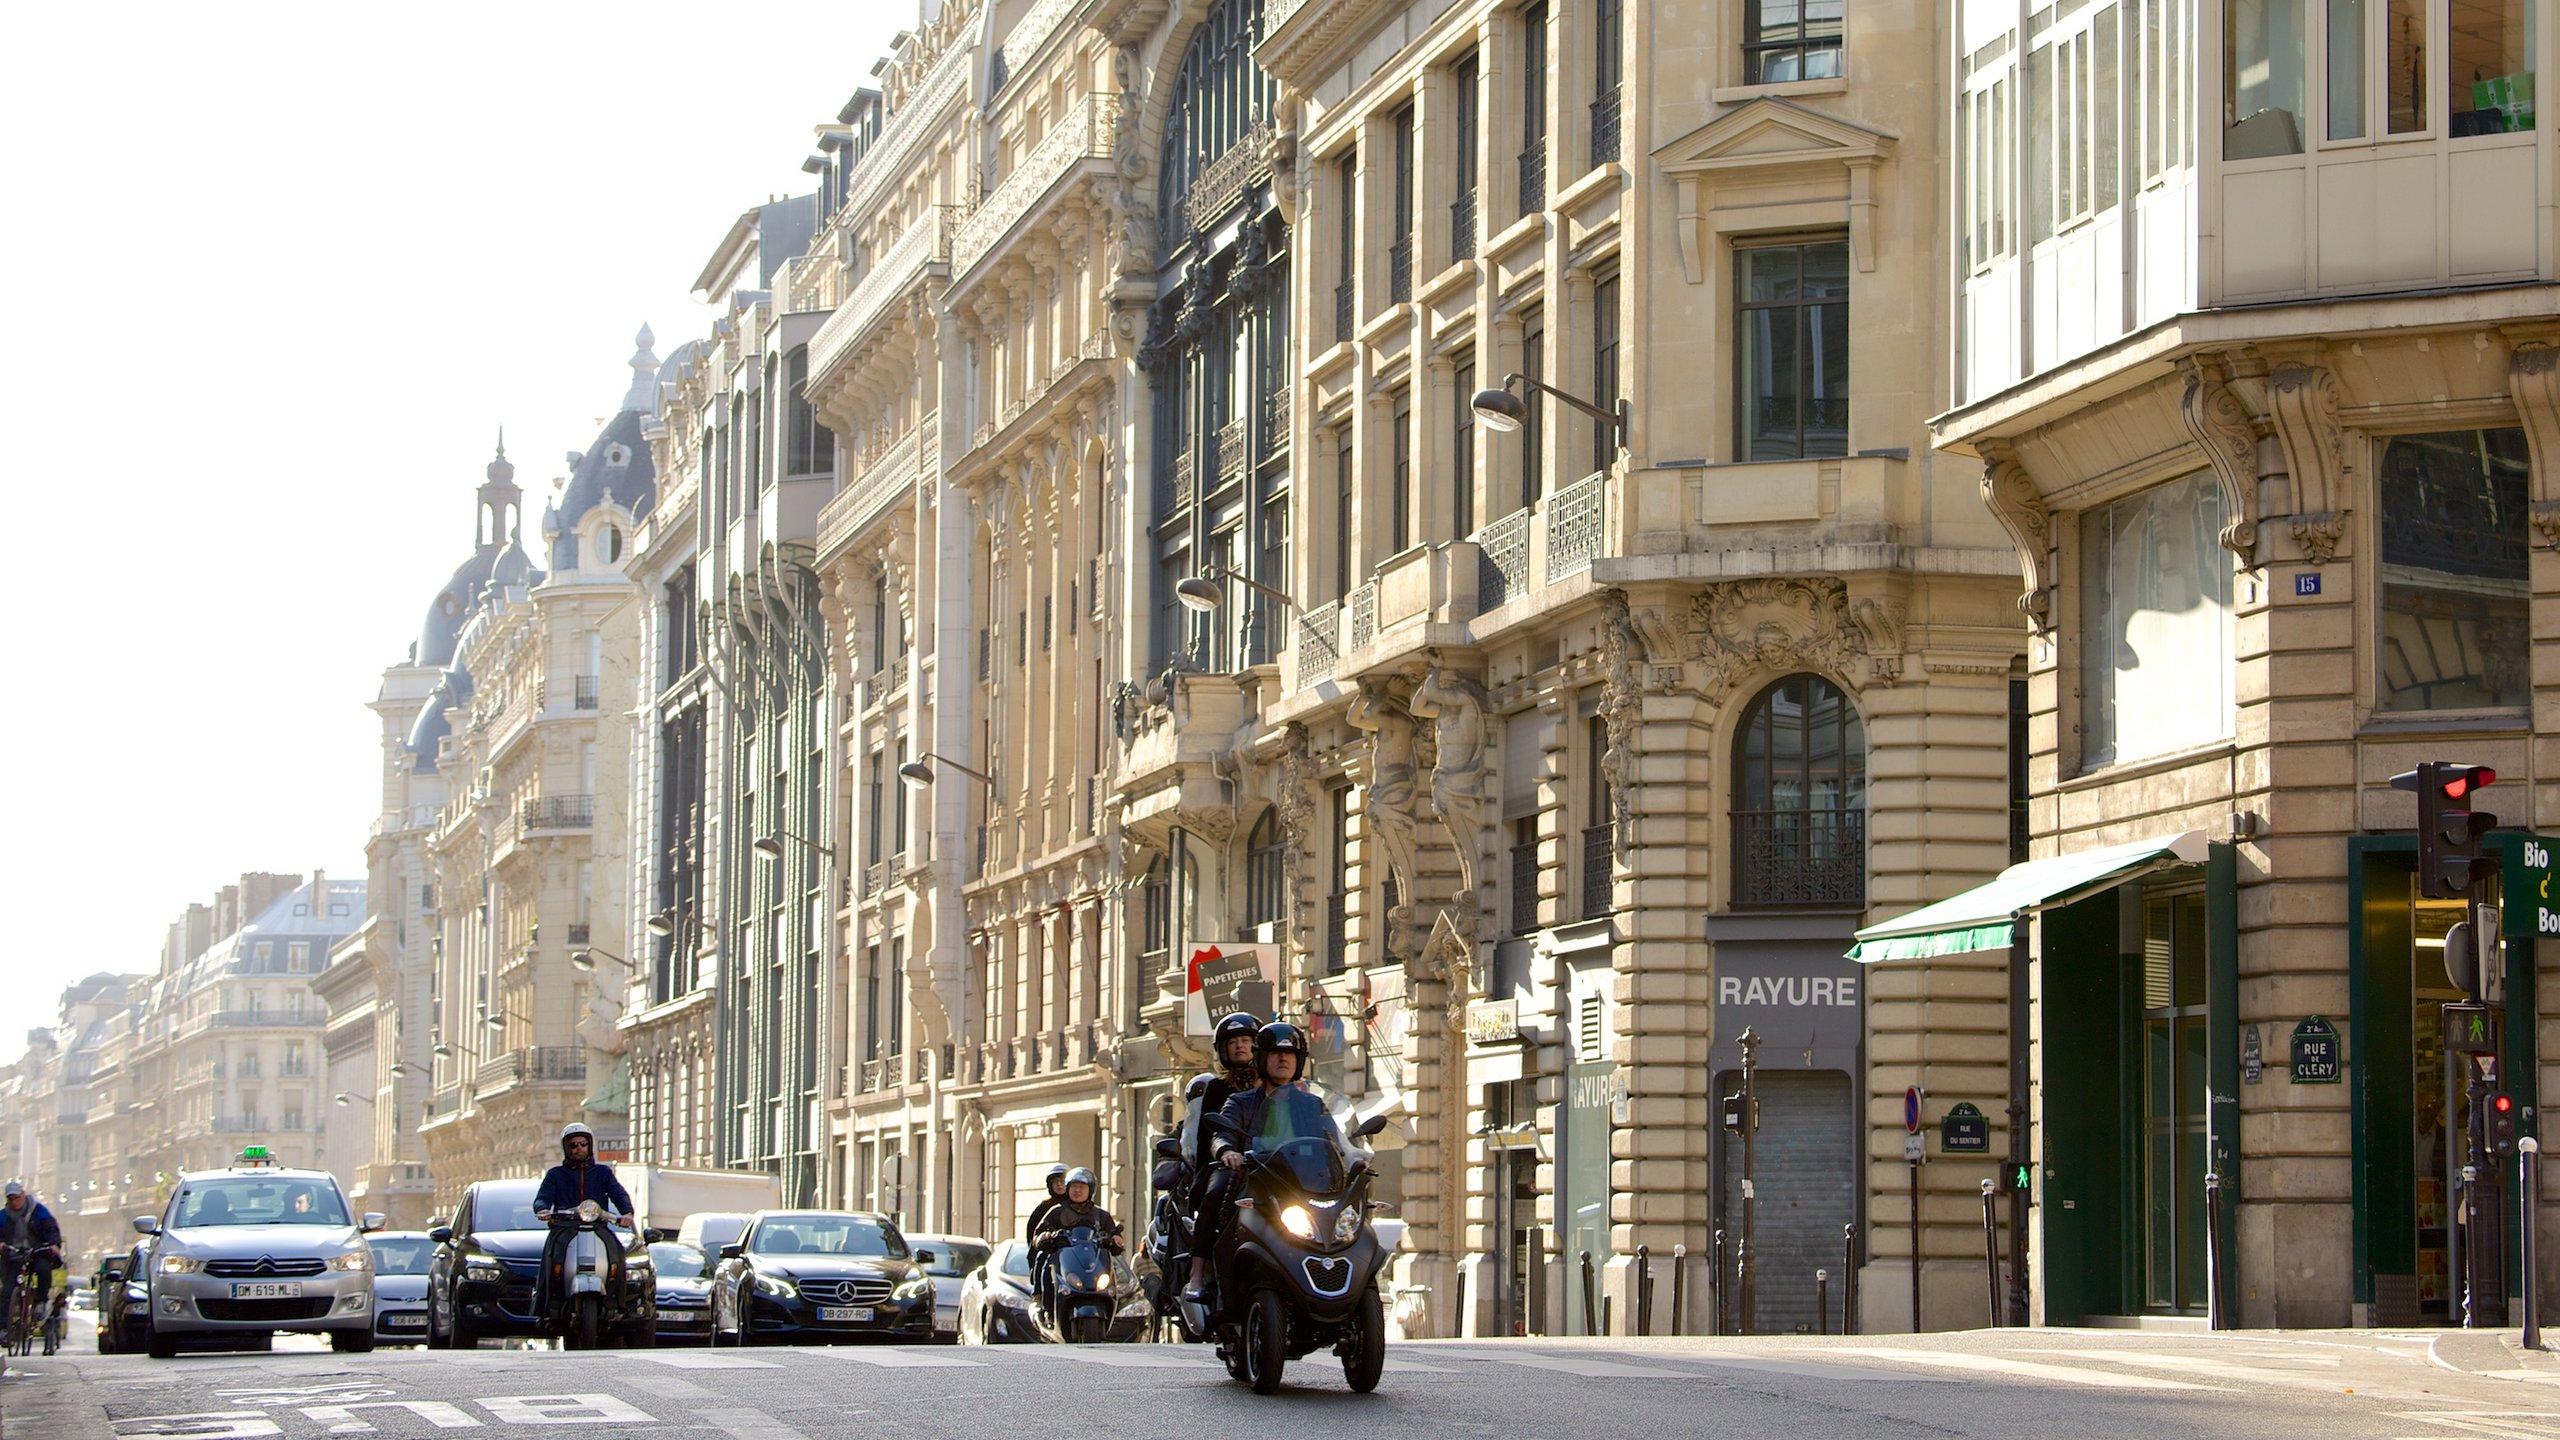 2nd Arrondissement, Paris, France